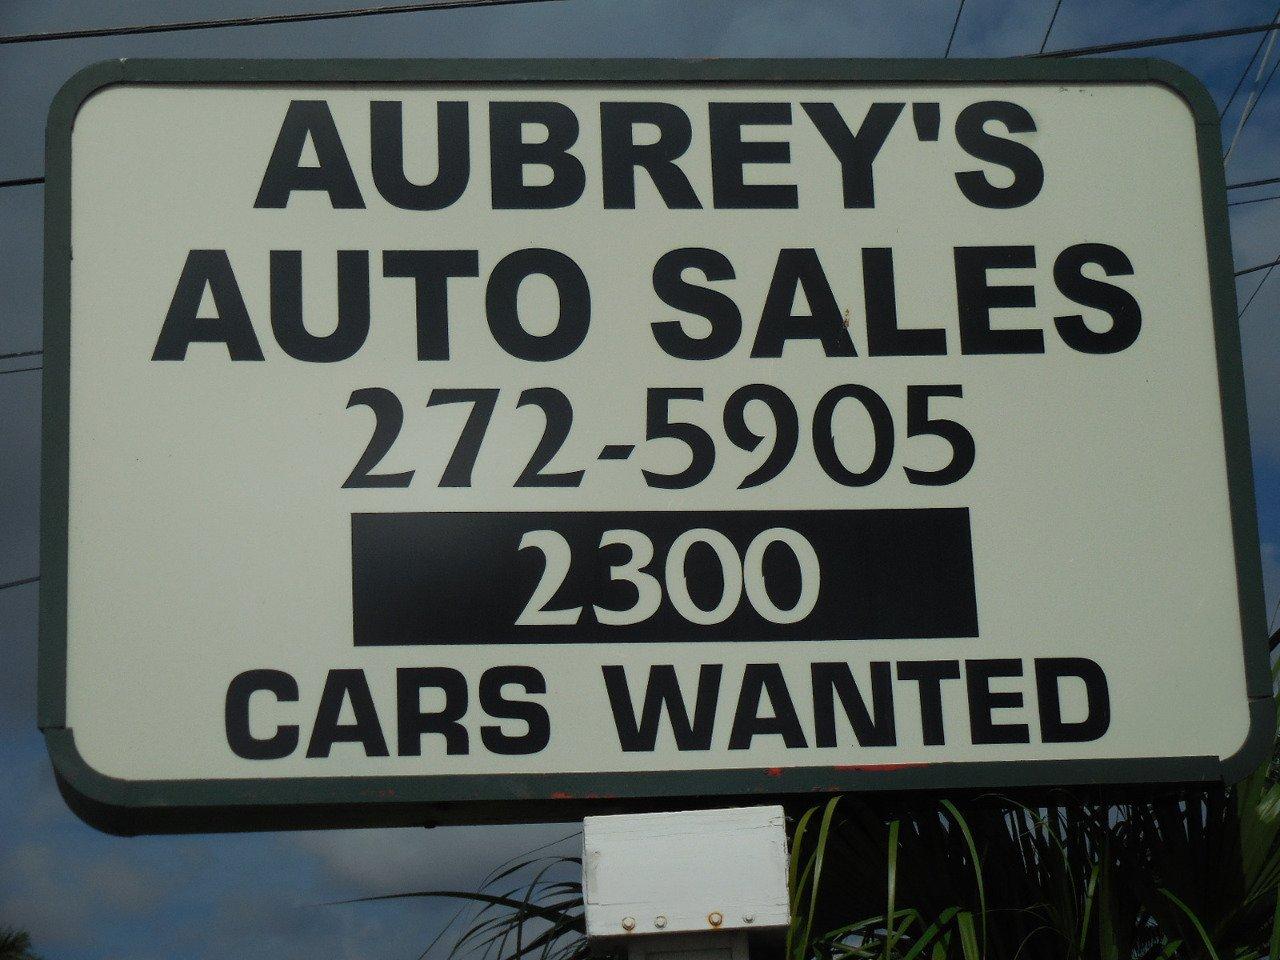 Aubrey's Auto Sales